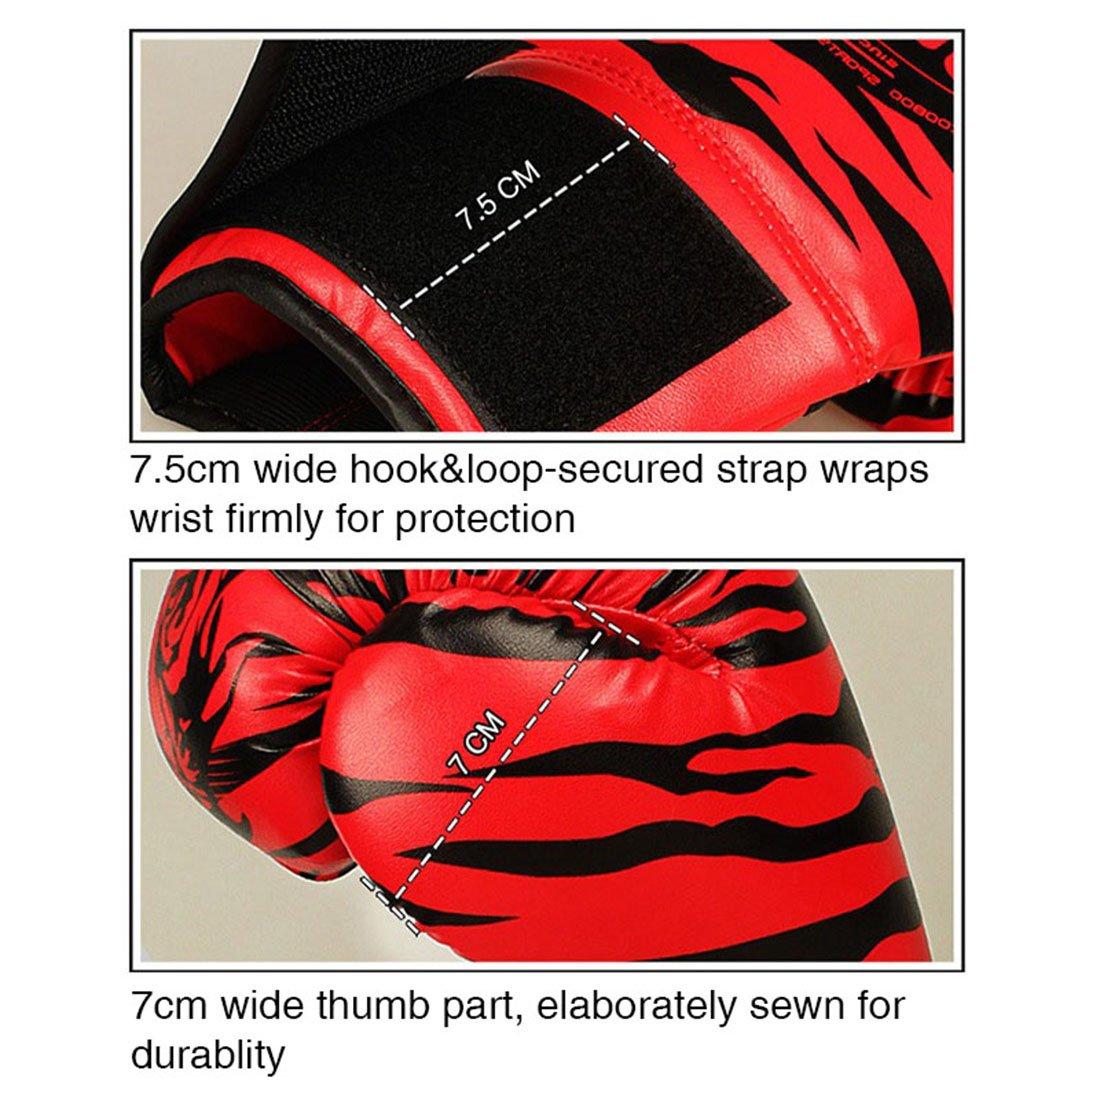 Brun Yunhigh /écran Tactile Gants pour Hommes Femmes Cuir imperm/éable Hiver Gants Thermiques Chauds ext/érieur Gants Coupe-Vent textos l/éger v/élo Conduite Gants d/équitation